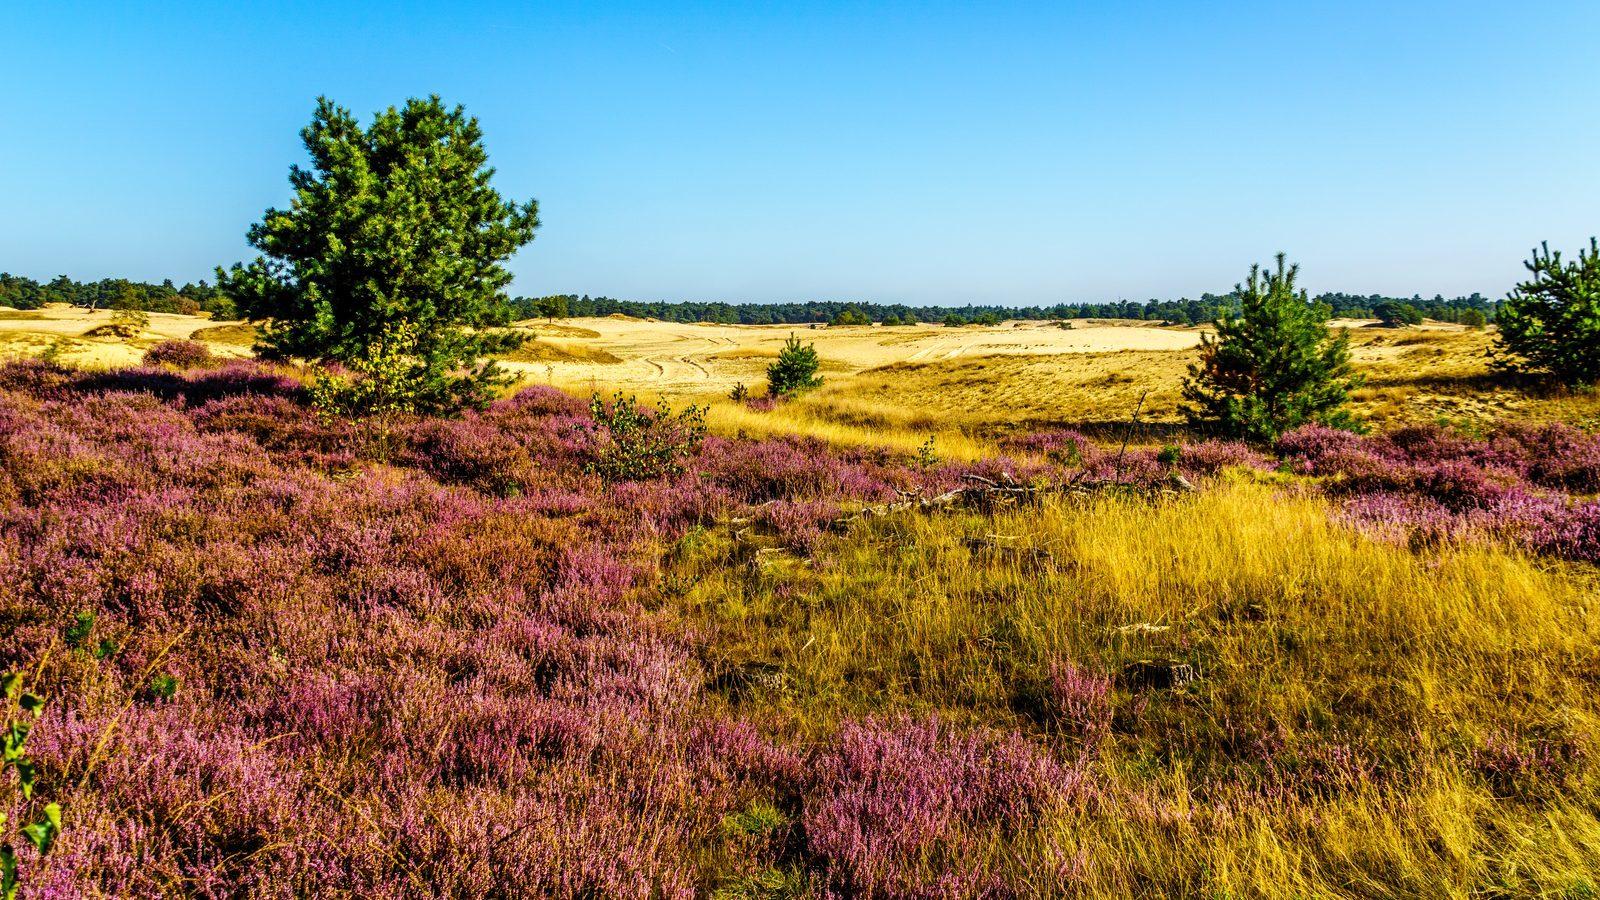 Gelderland ist die populärste Provinz unter Touristen